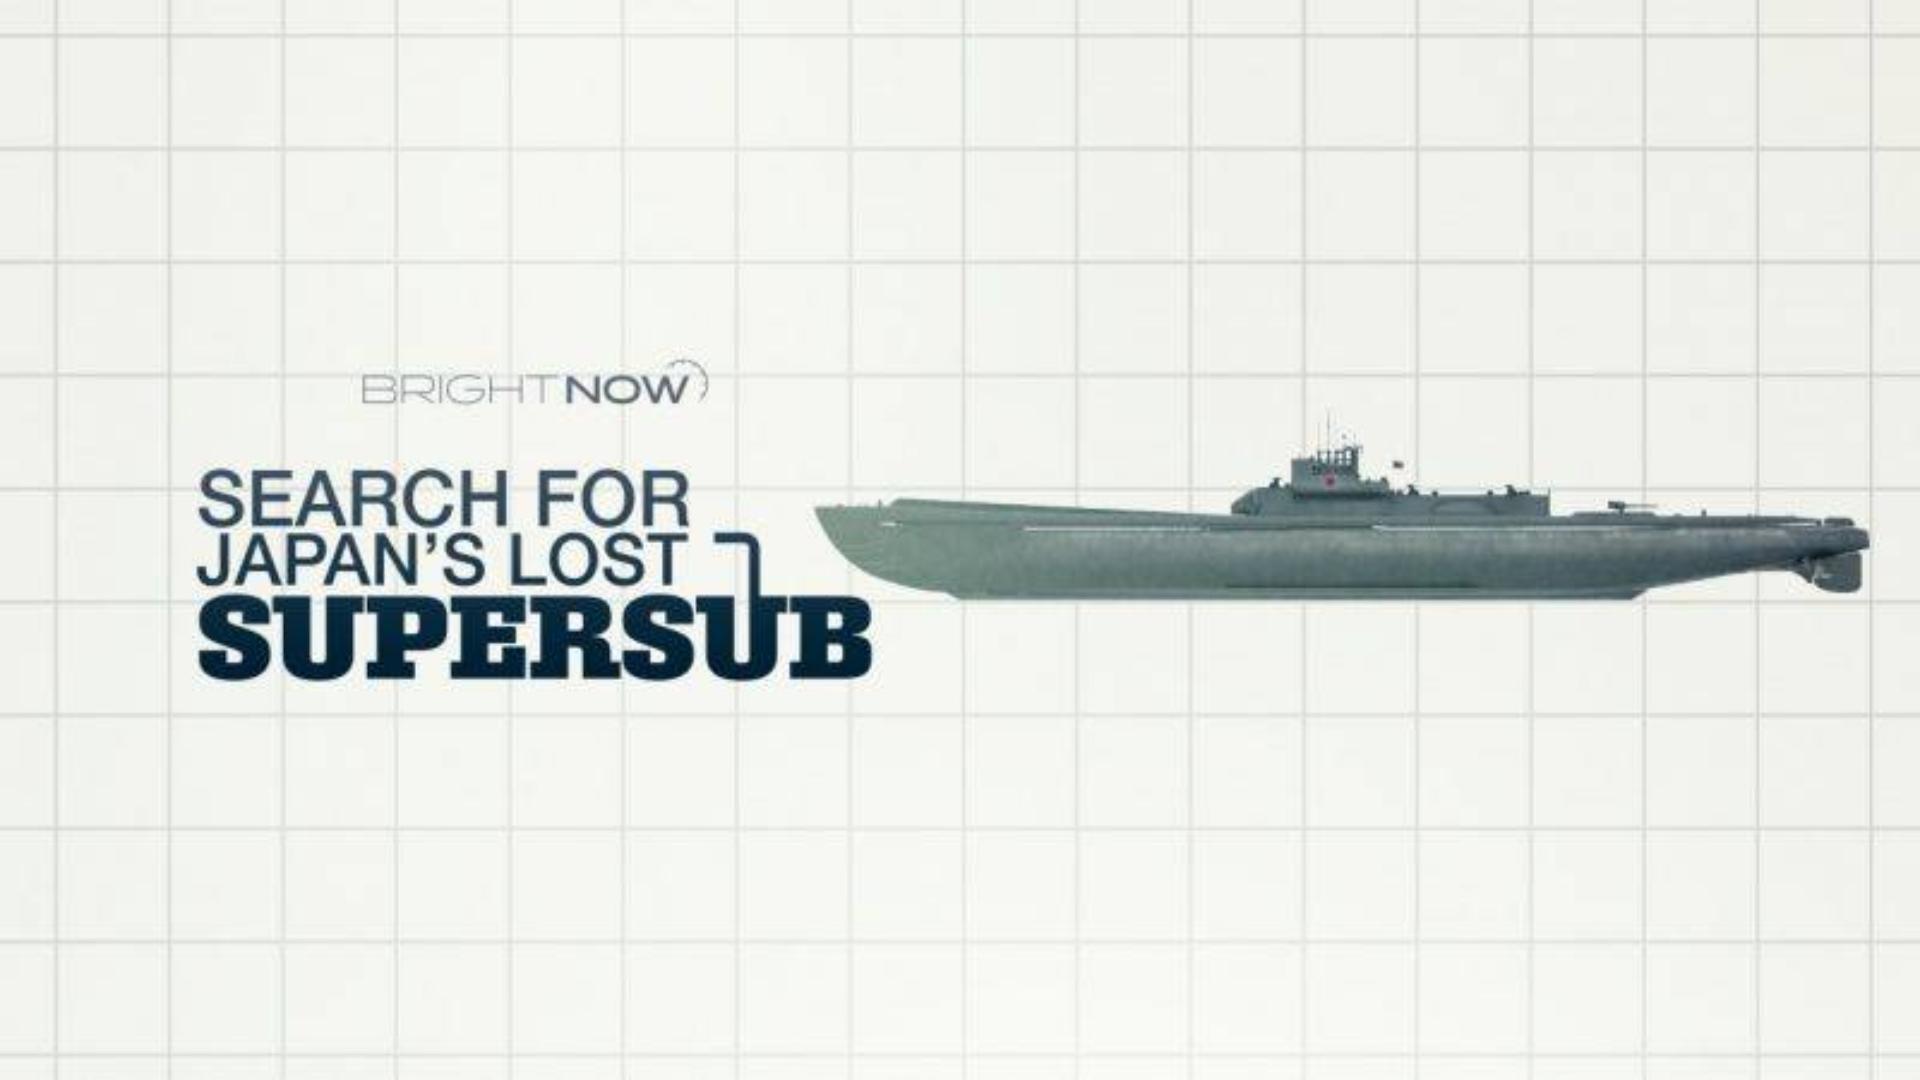 纪录片.伊400:搜寻日本超级潜艇.2019[高清][英字]